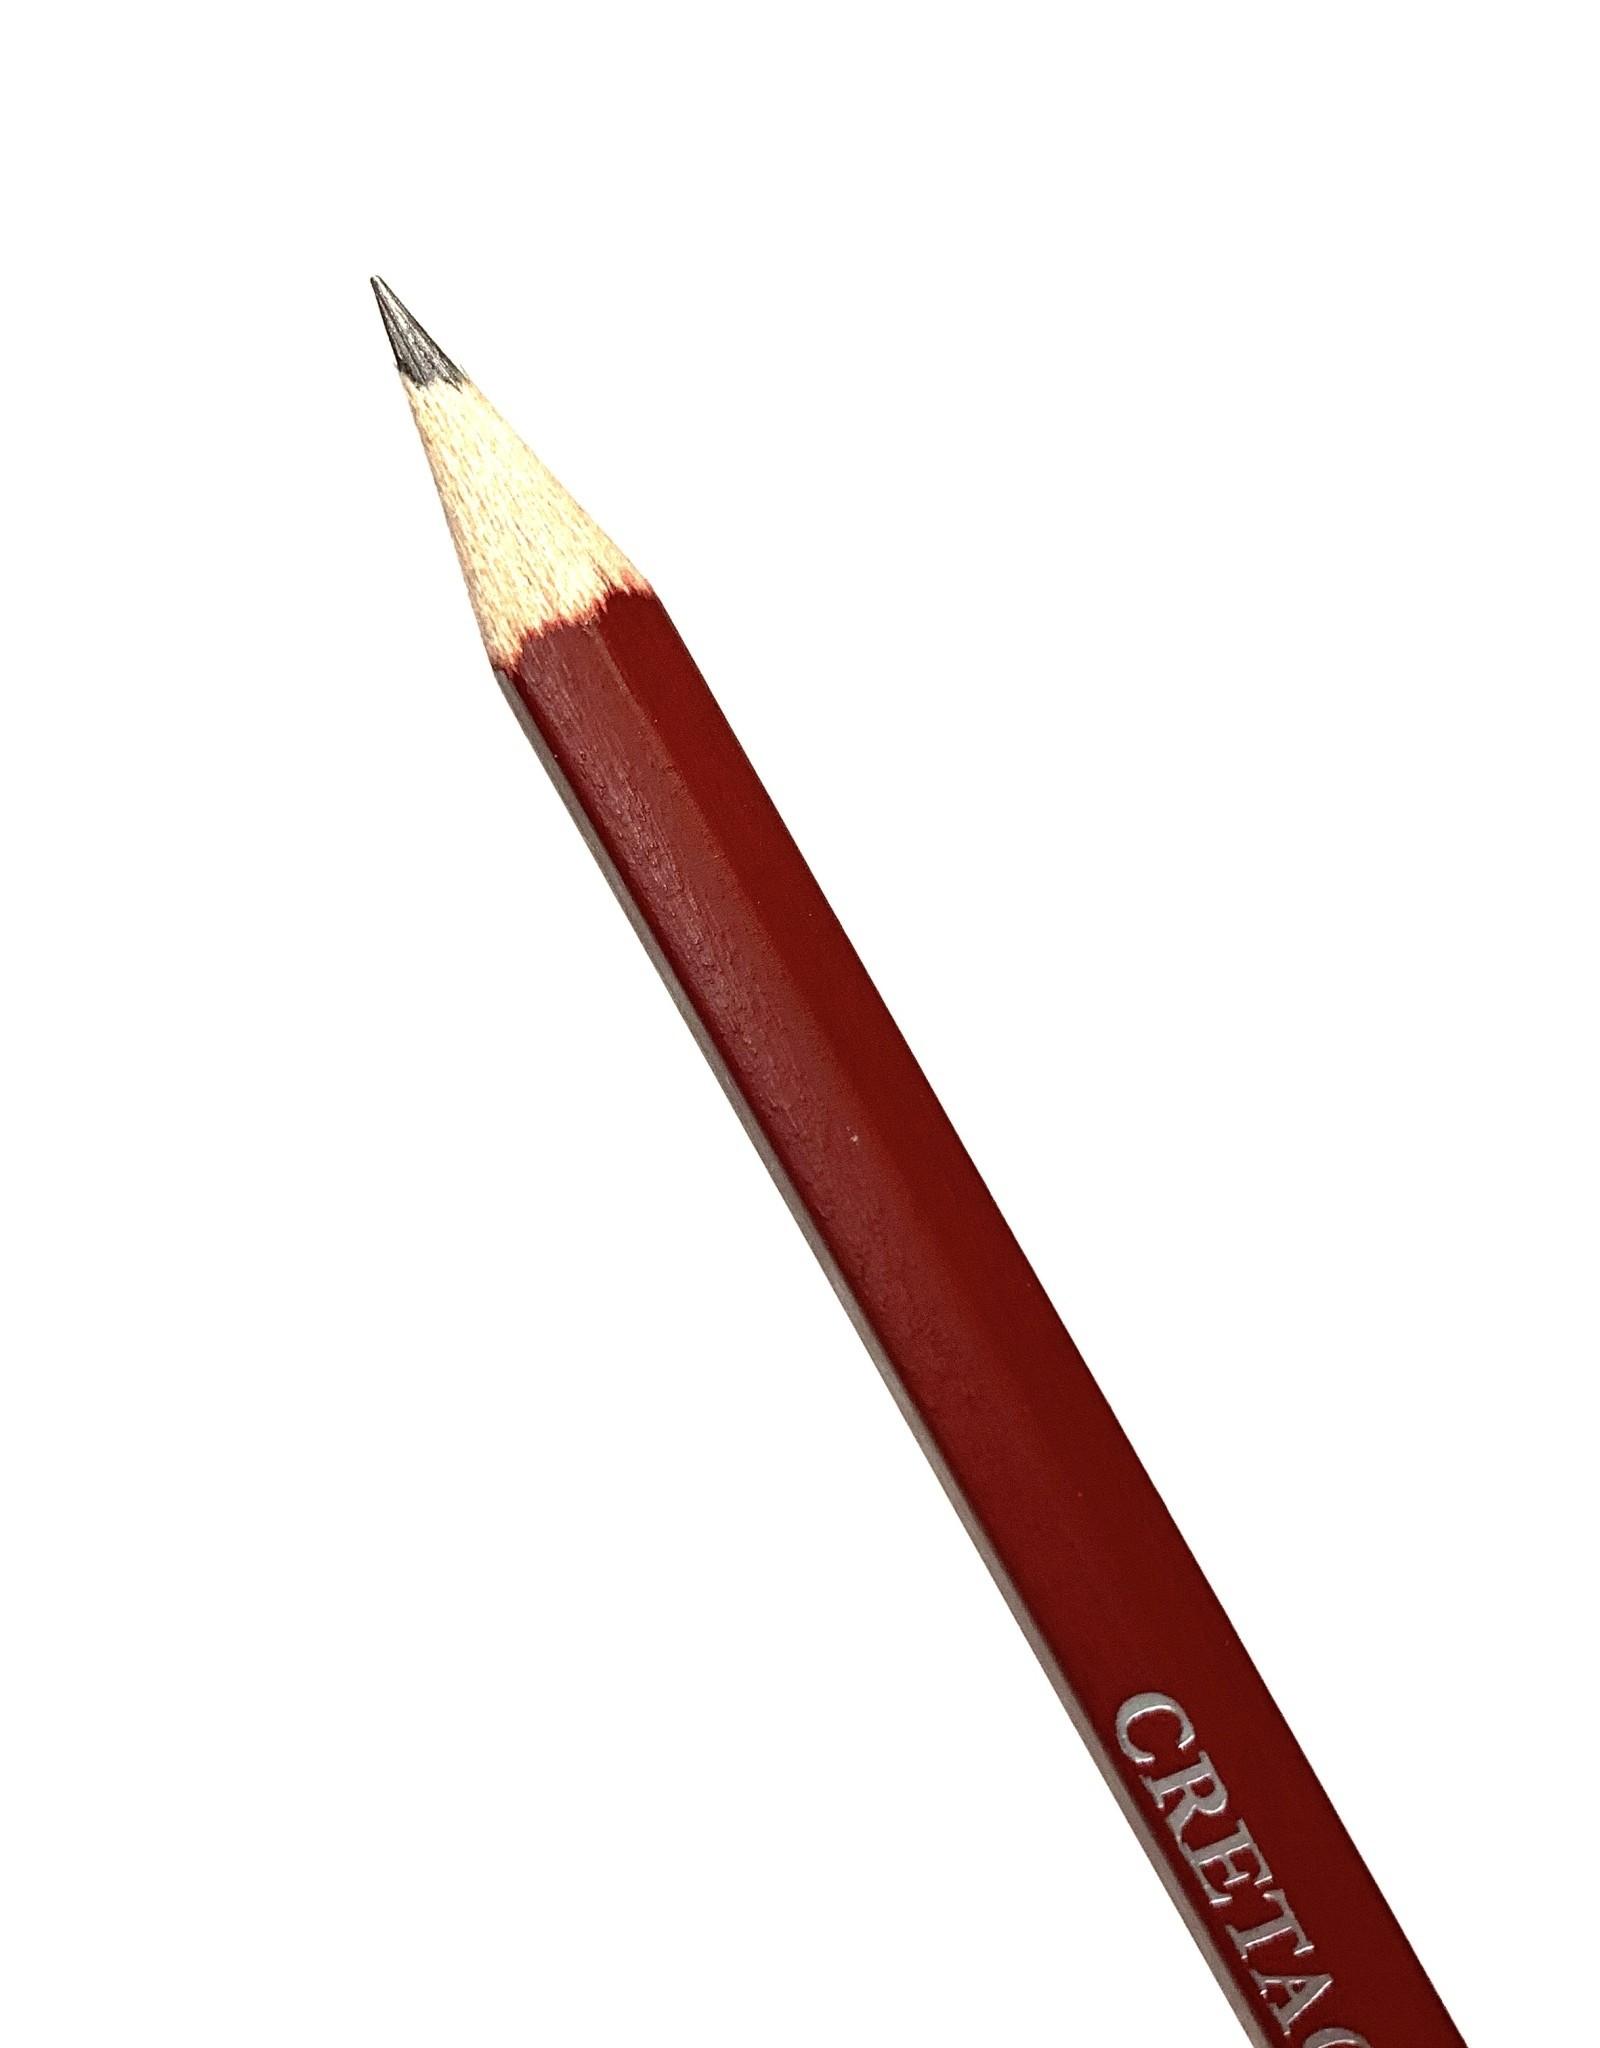 Cretacolor Graphite Pencil, 5H